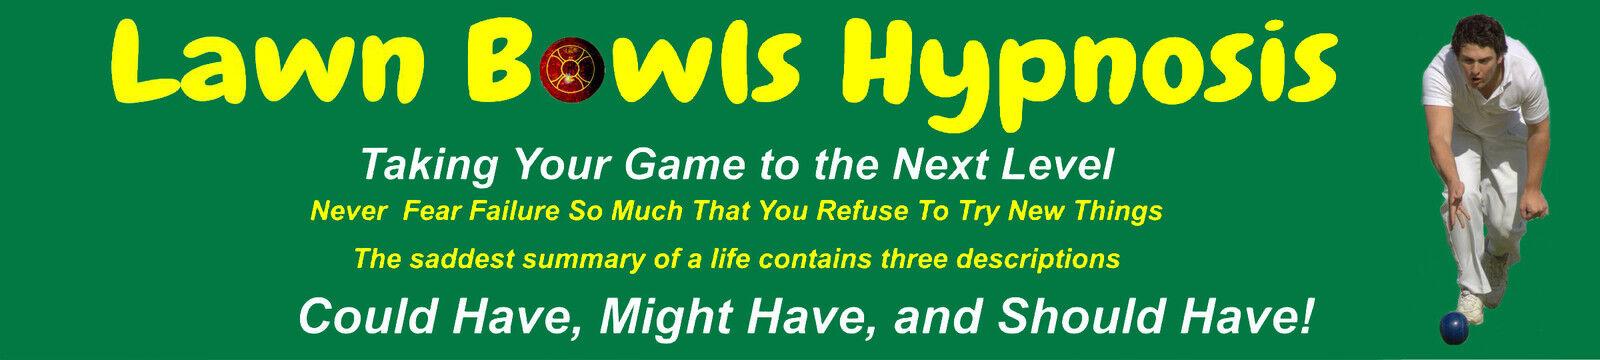 Lawn Bowls Hypnosis